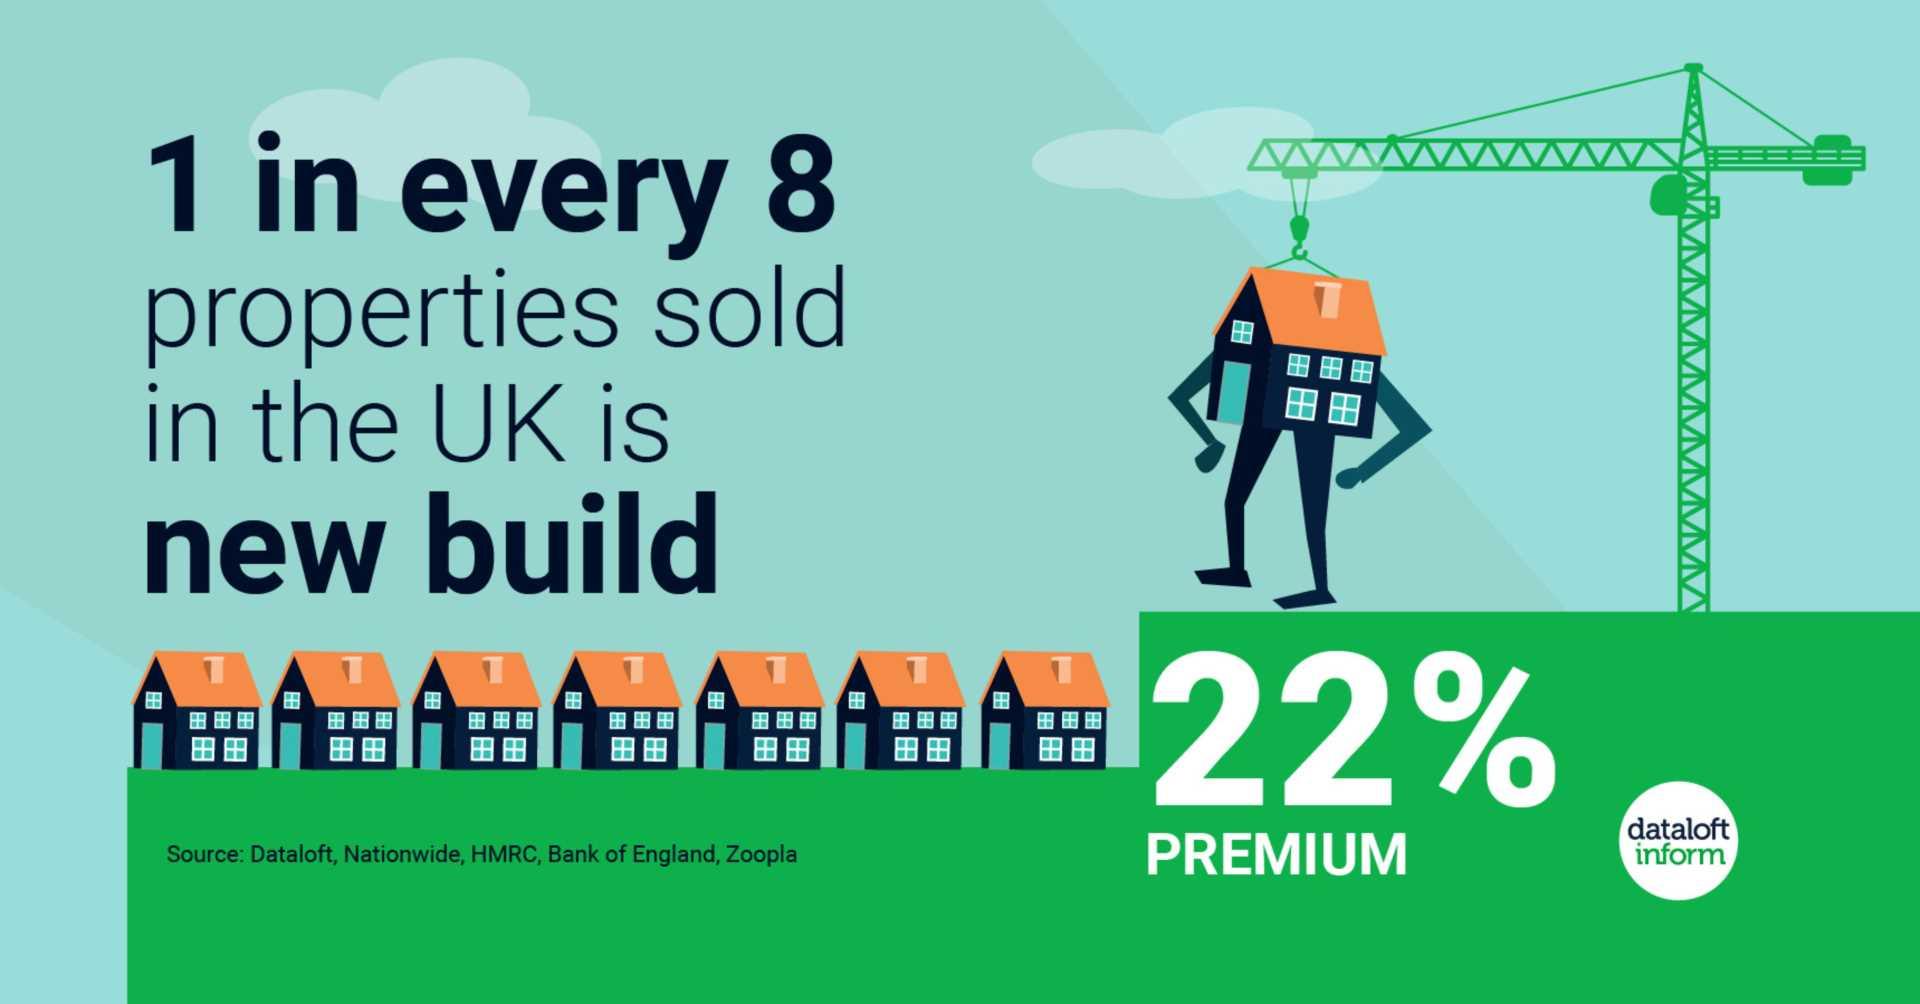 New build premium